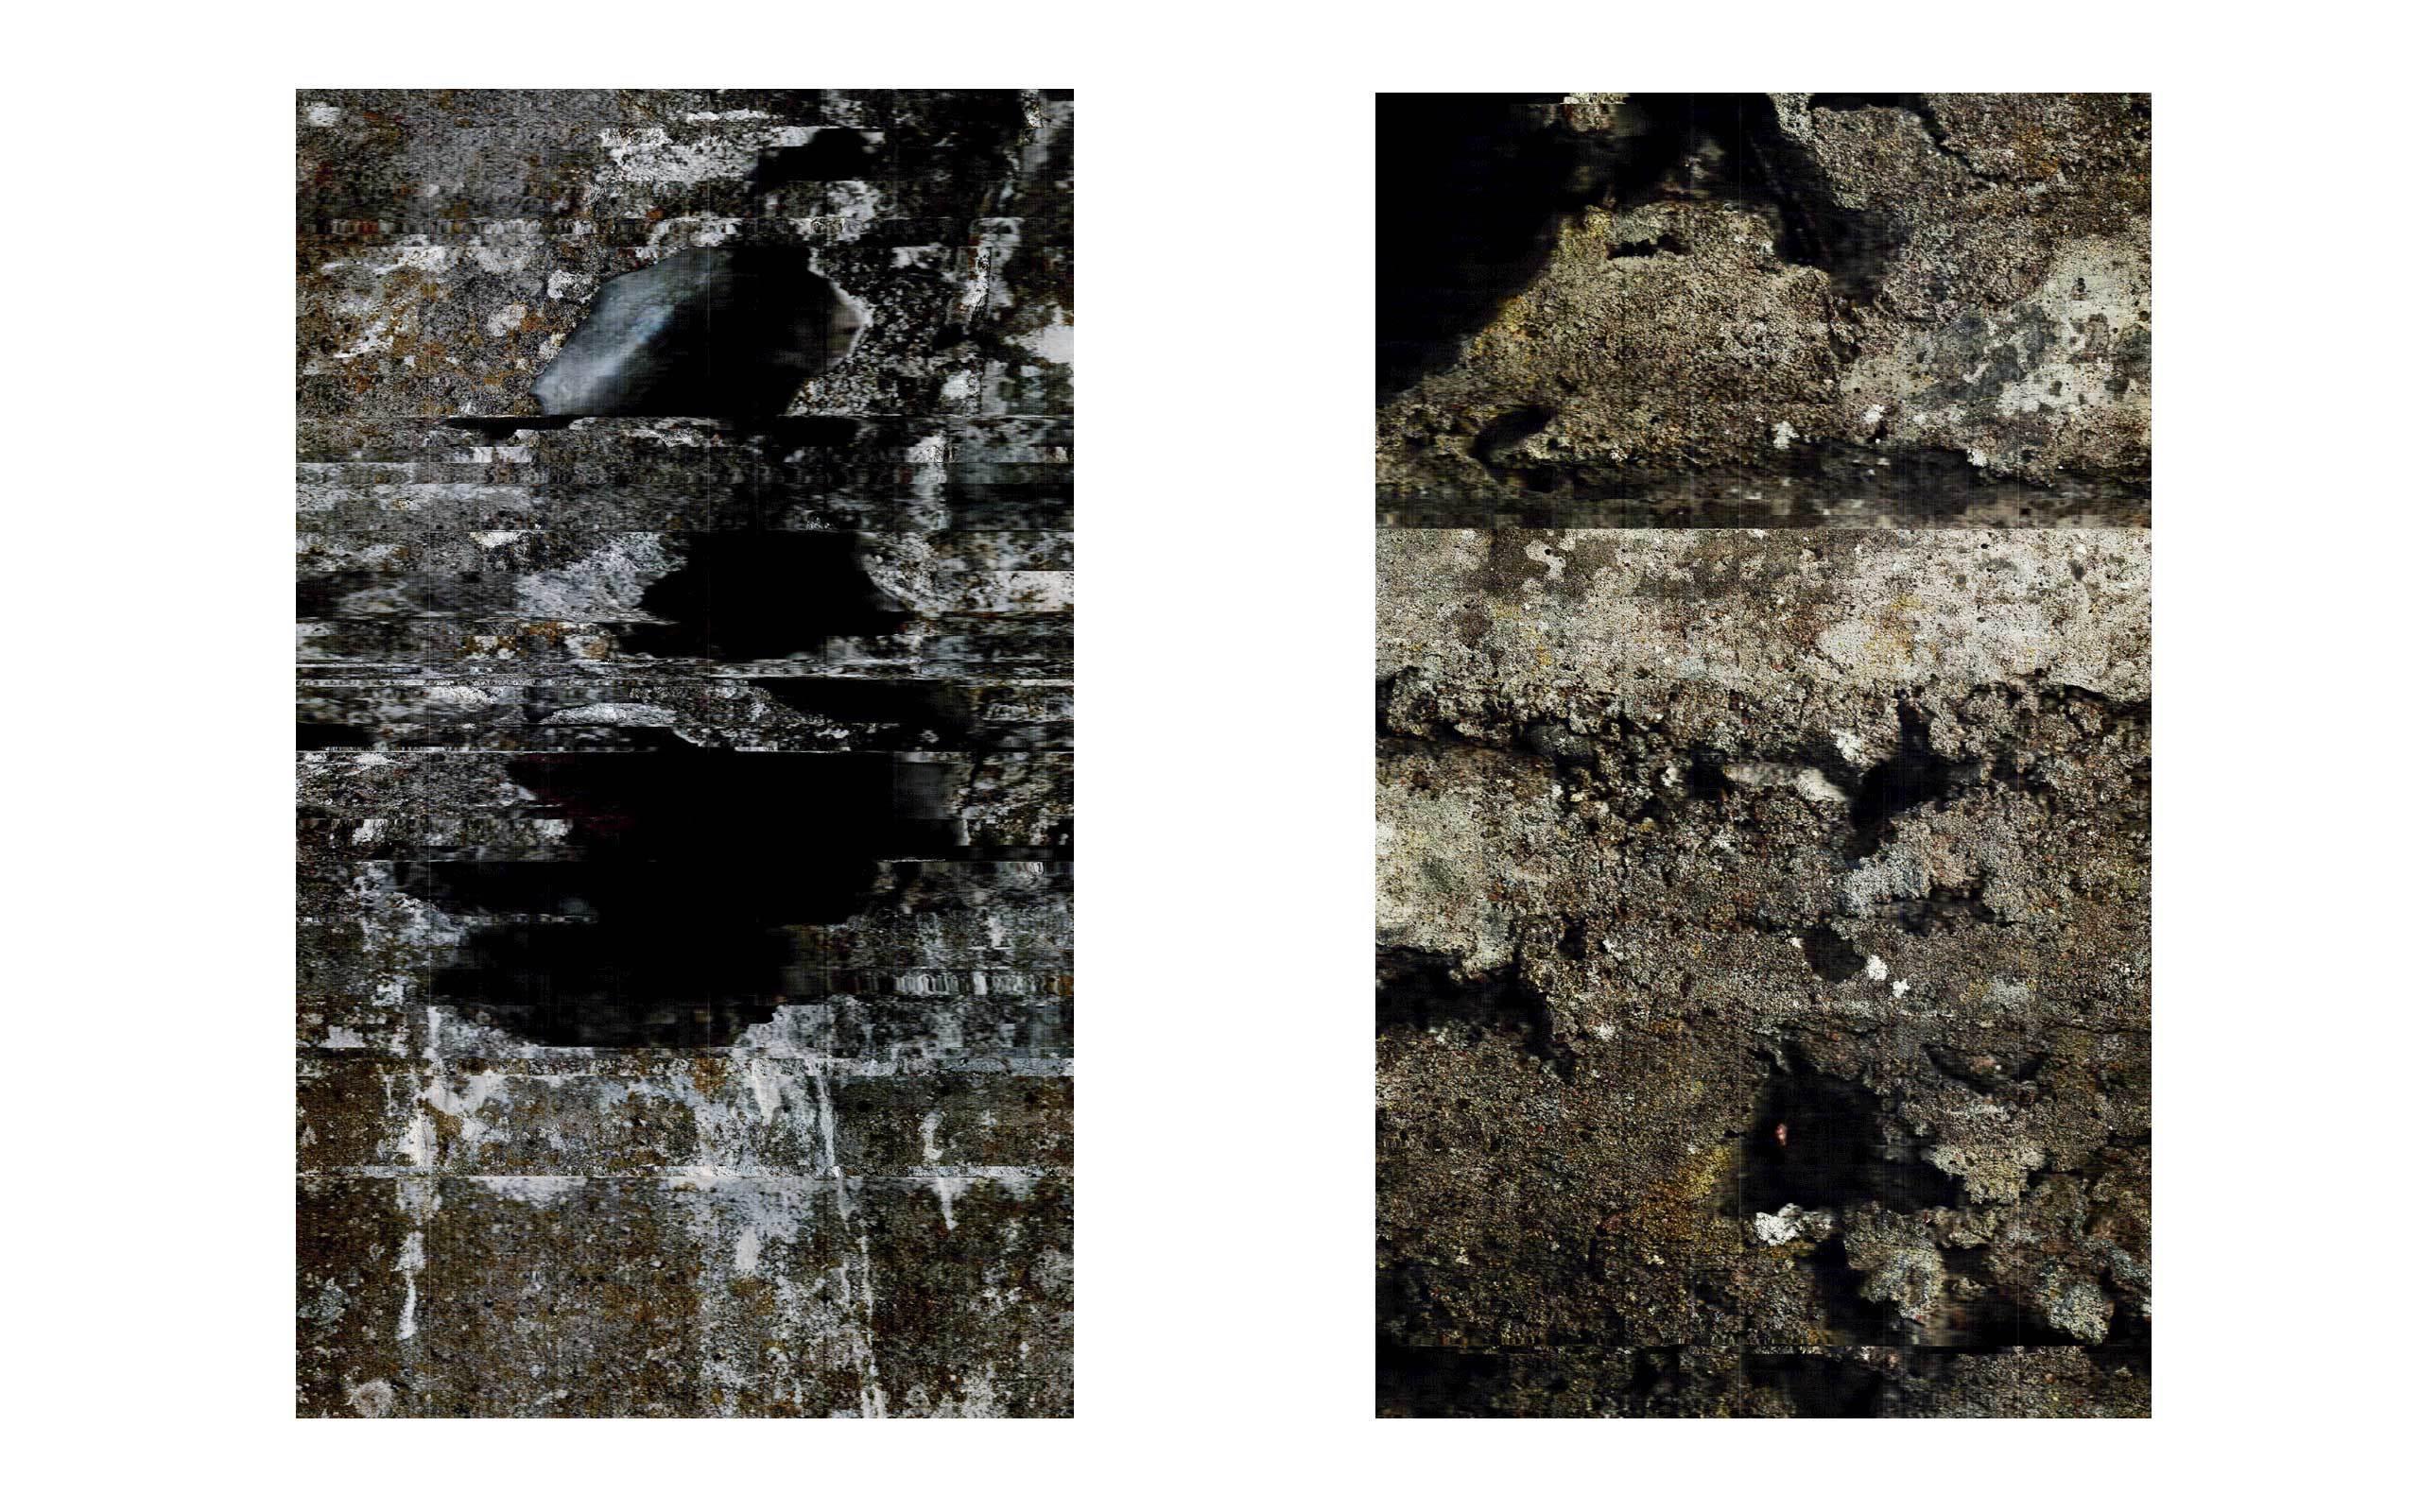 04 John Skoog limited-release art edition (Rift 10) South Wall; (Rift 11) East Wall